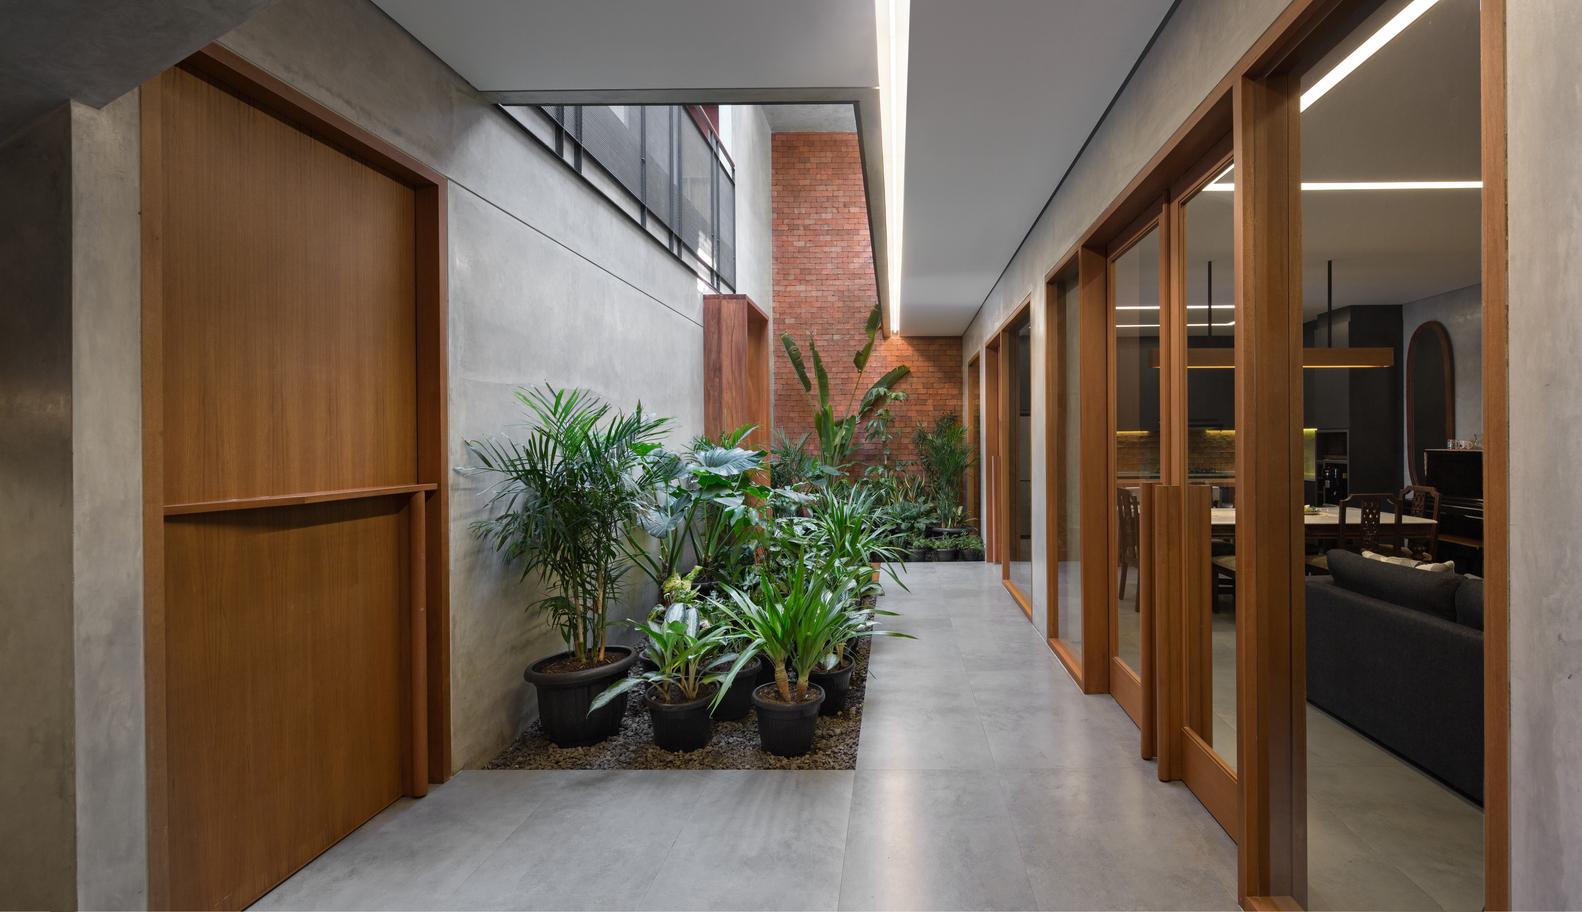 Taman kering di tengah rumah, Rumah Beton karya Parisauli Arsitek (Sumber: archdaily.com)